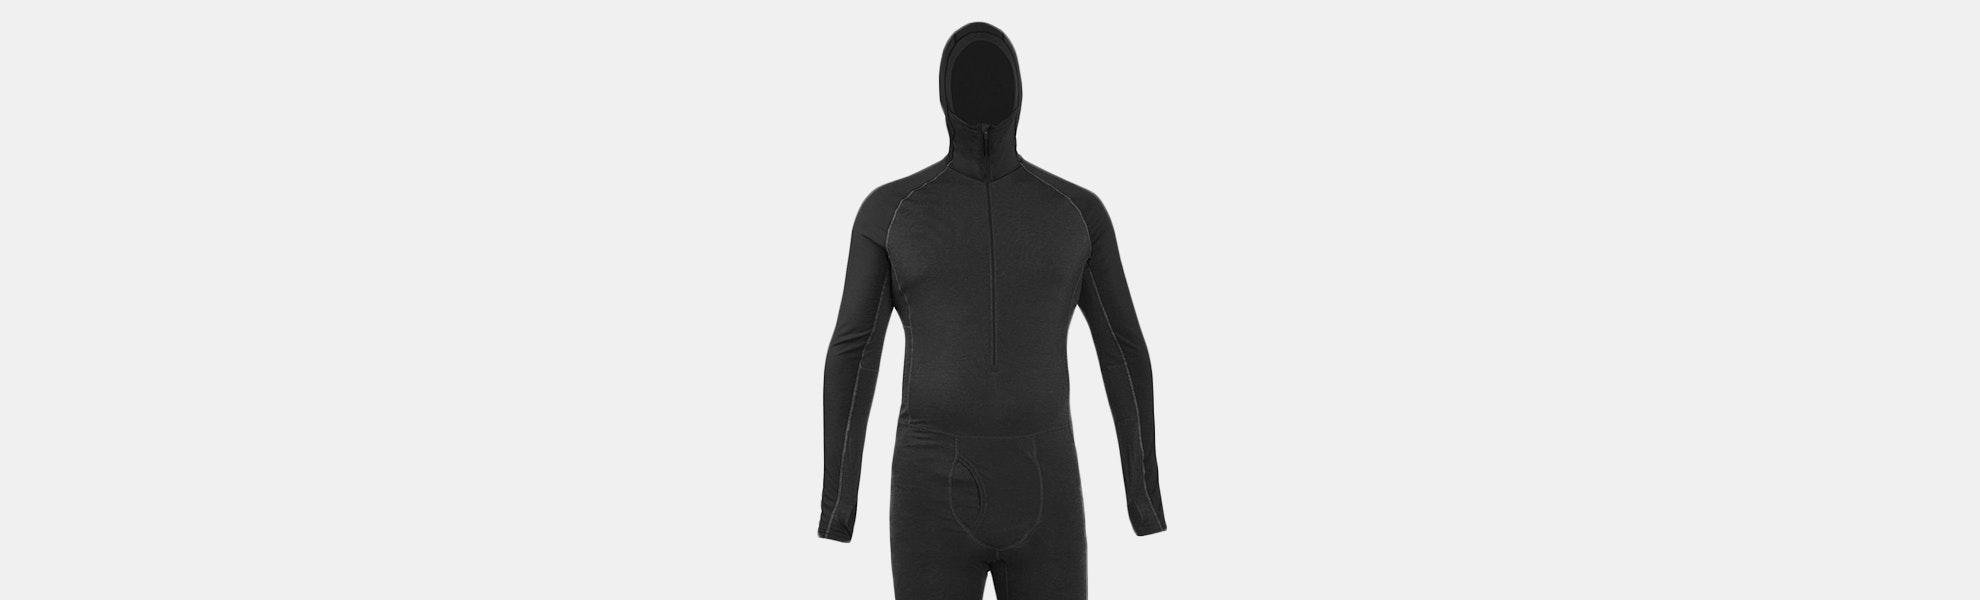 Icebreaker Men's Zone One Sheep Suit